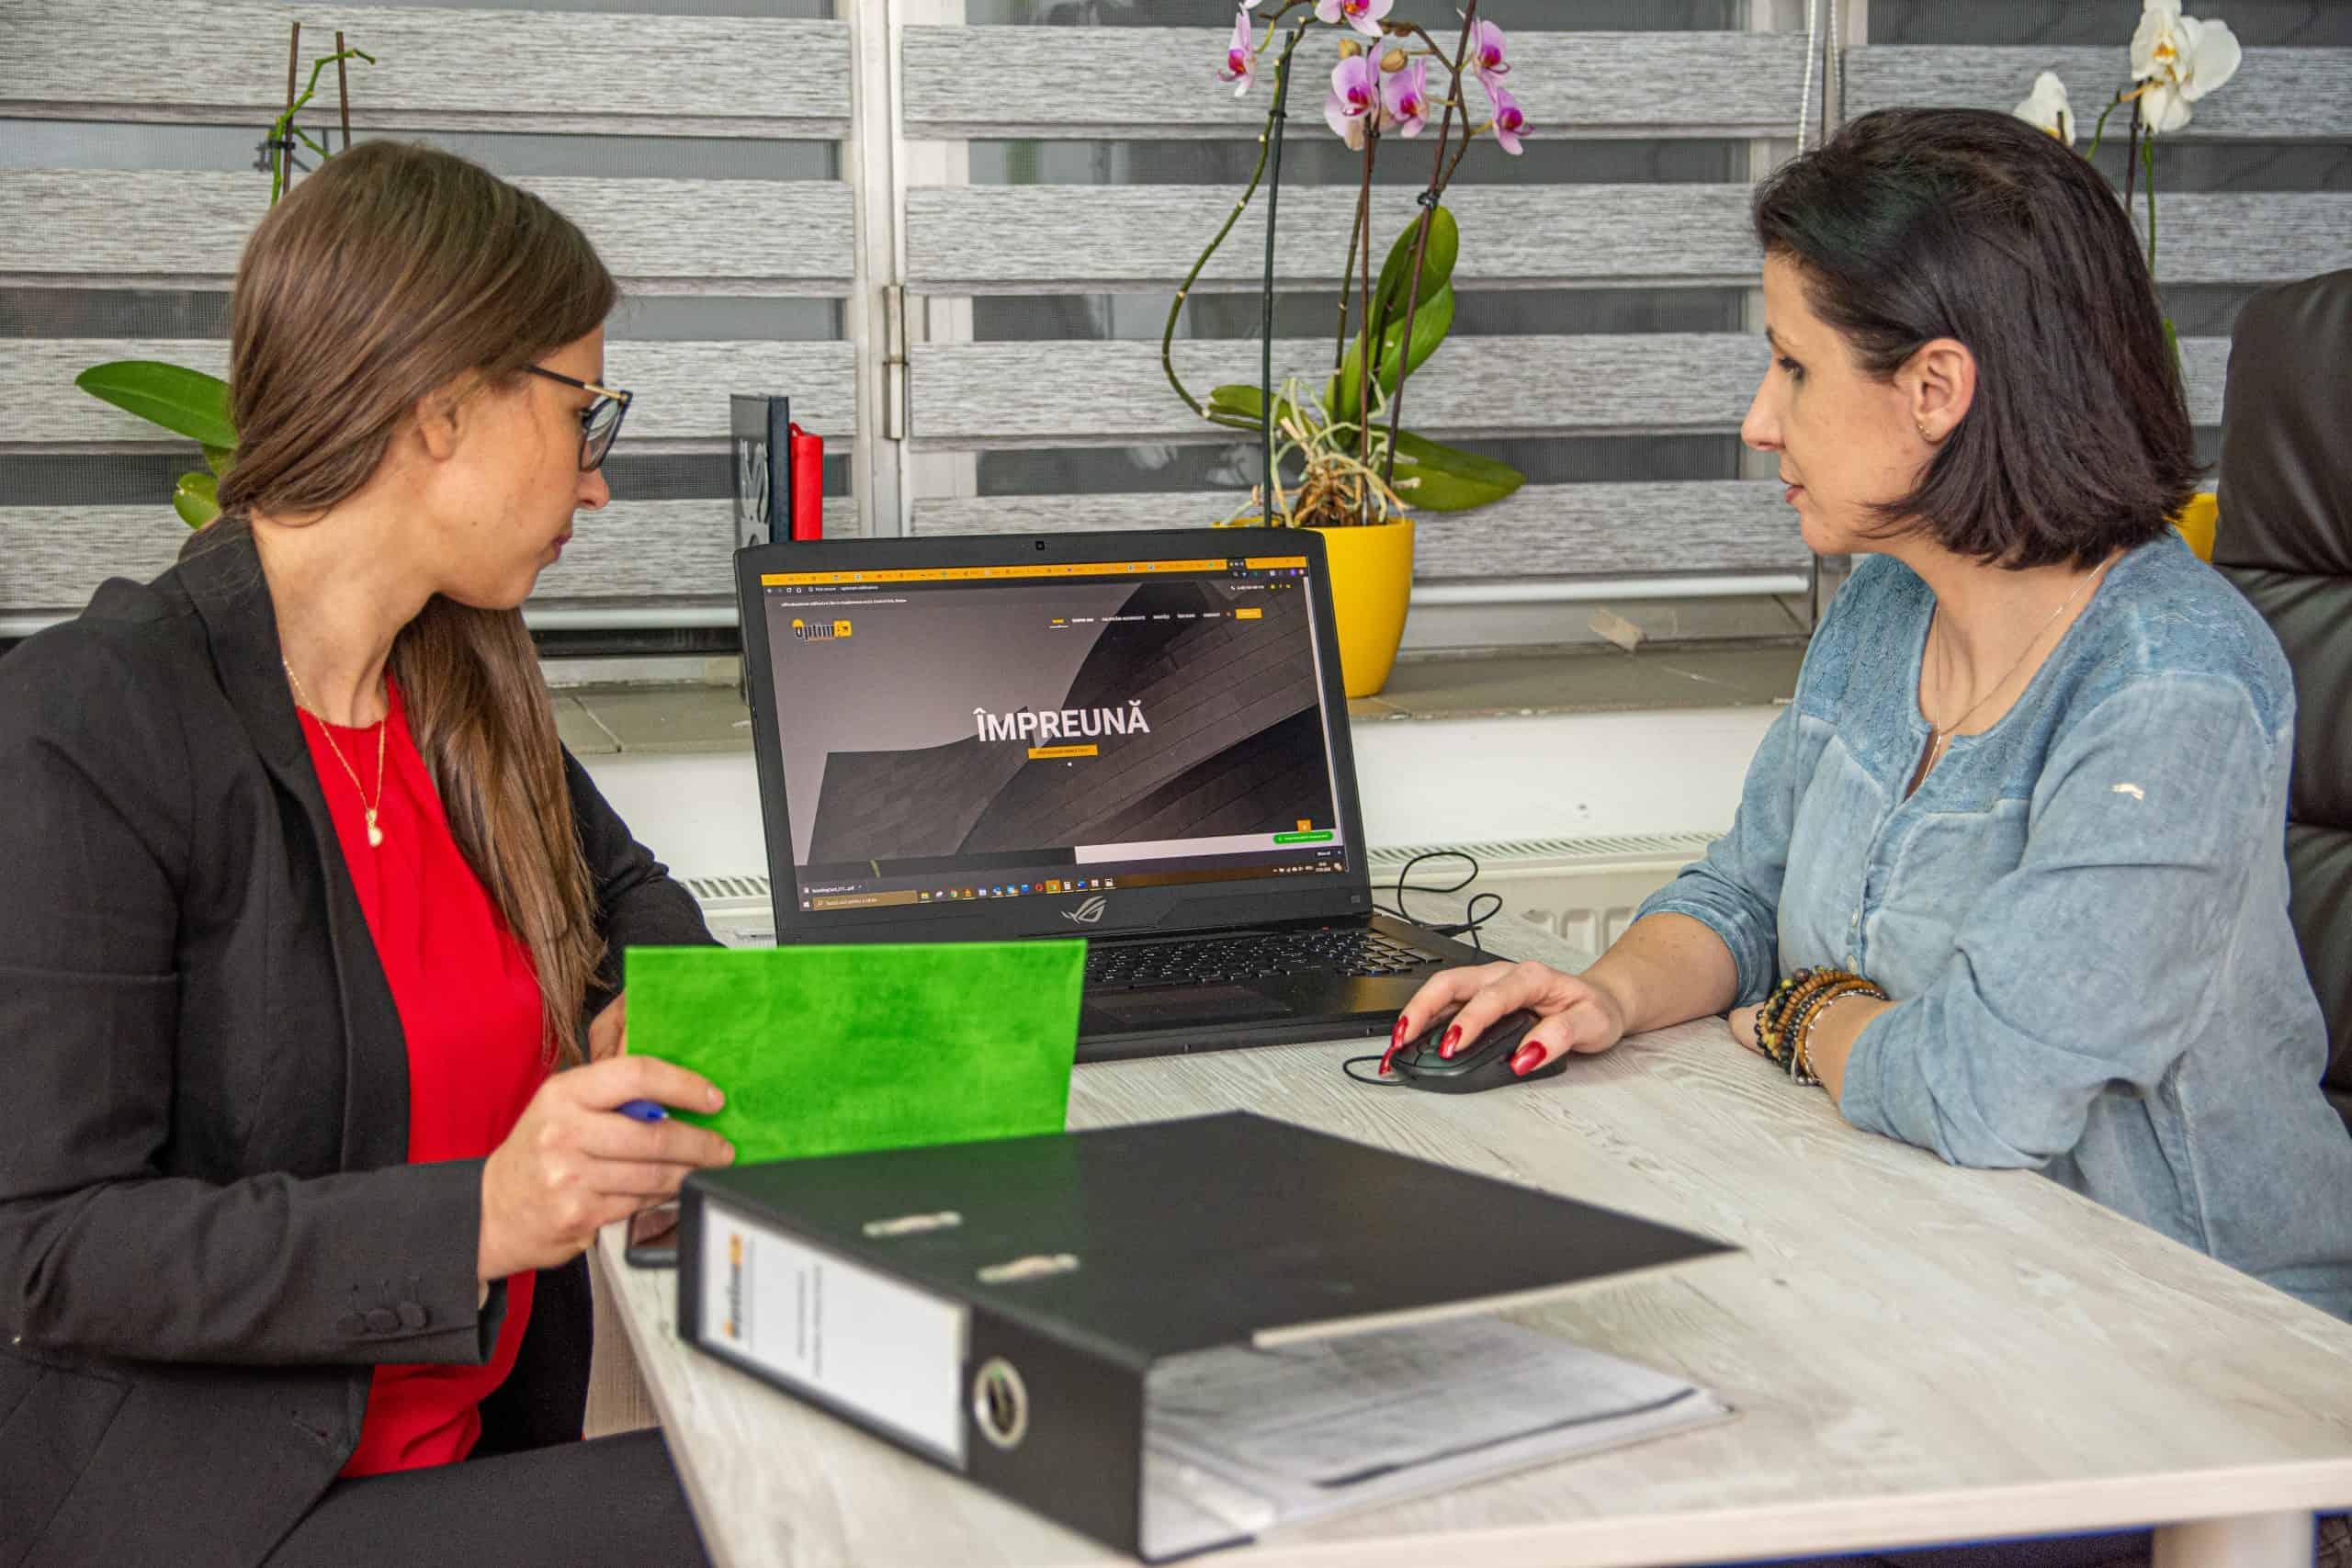 Calificare prin FORMARE profesională sau EVALUARE Competențe?